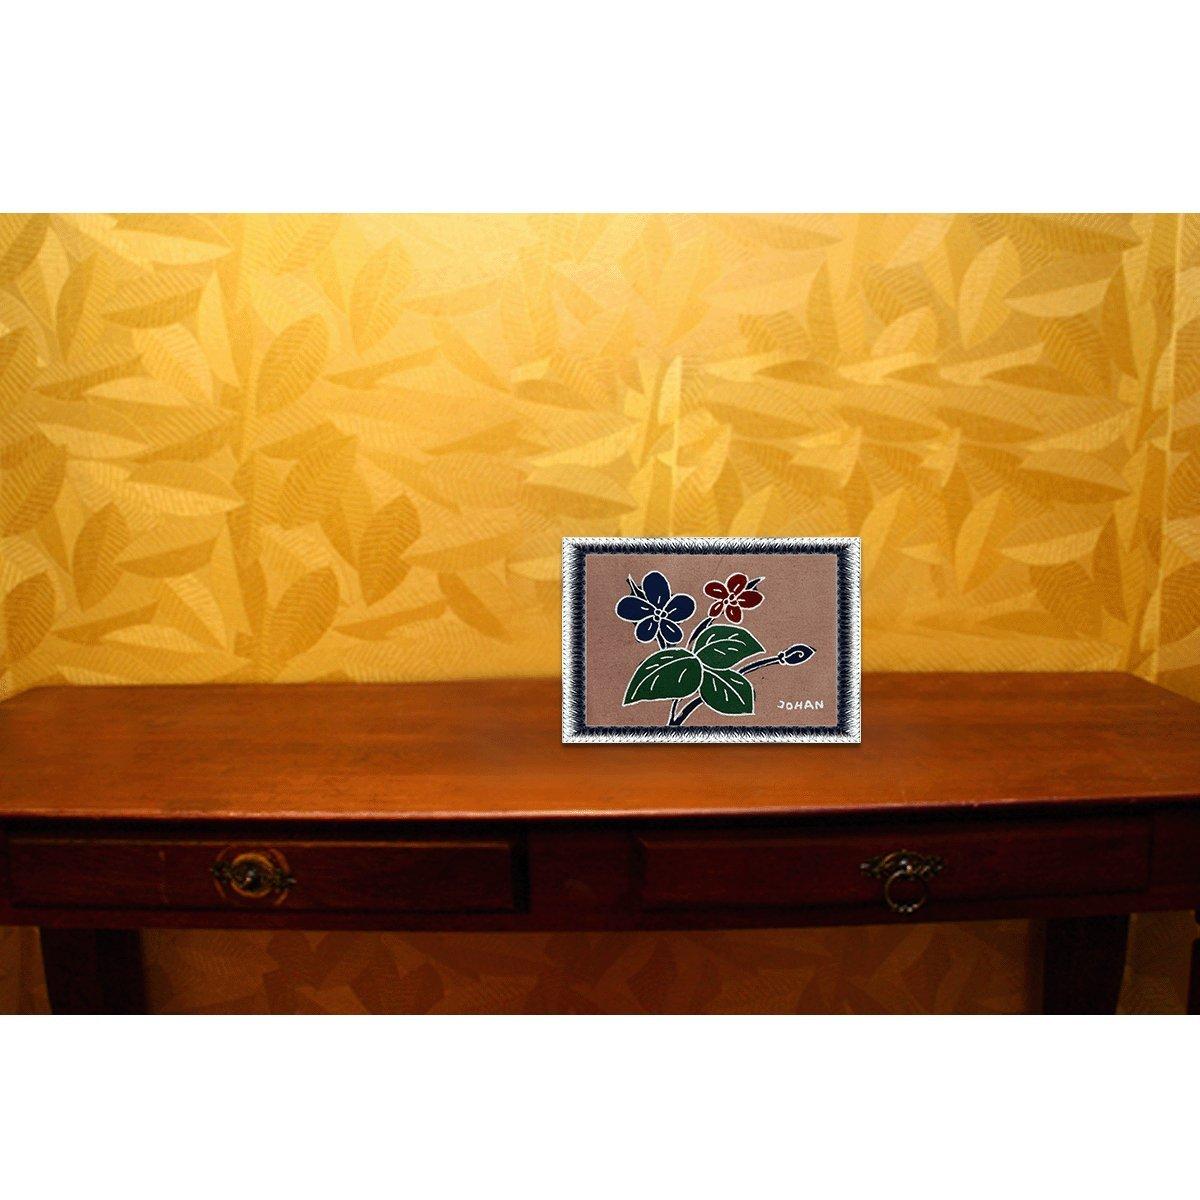 Amazon.com: Fine Batik Batik Art Painting, Flower\' by Johan (15cm x ...